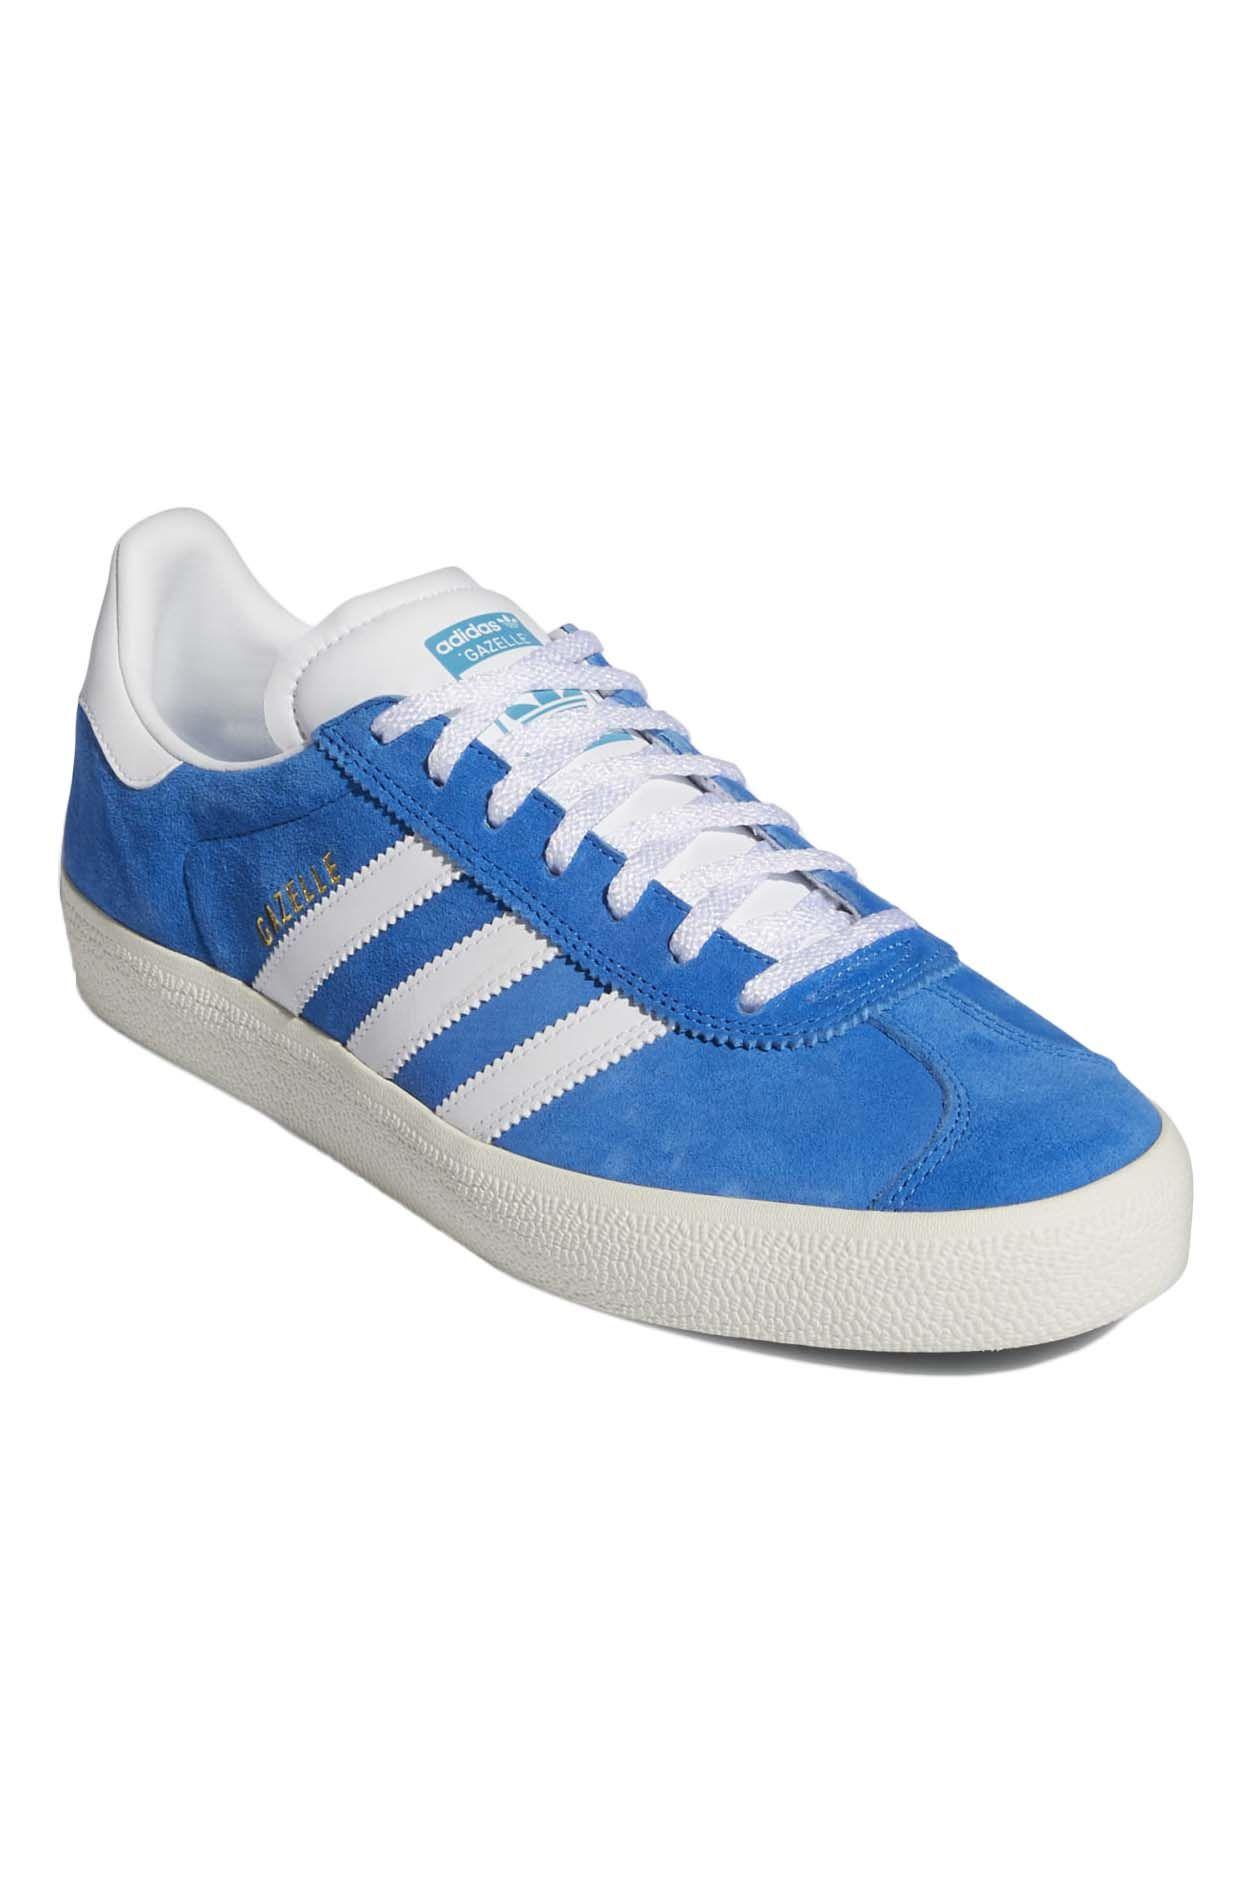 Tenis Adidas GAZELLE ADV Bluebird/Ftwr White/Chalk White